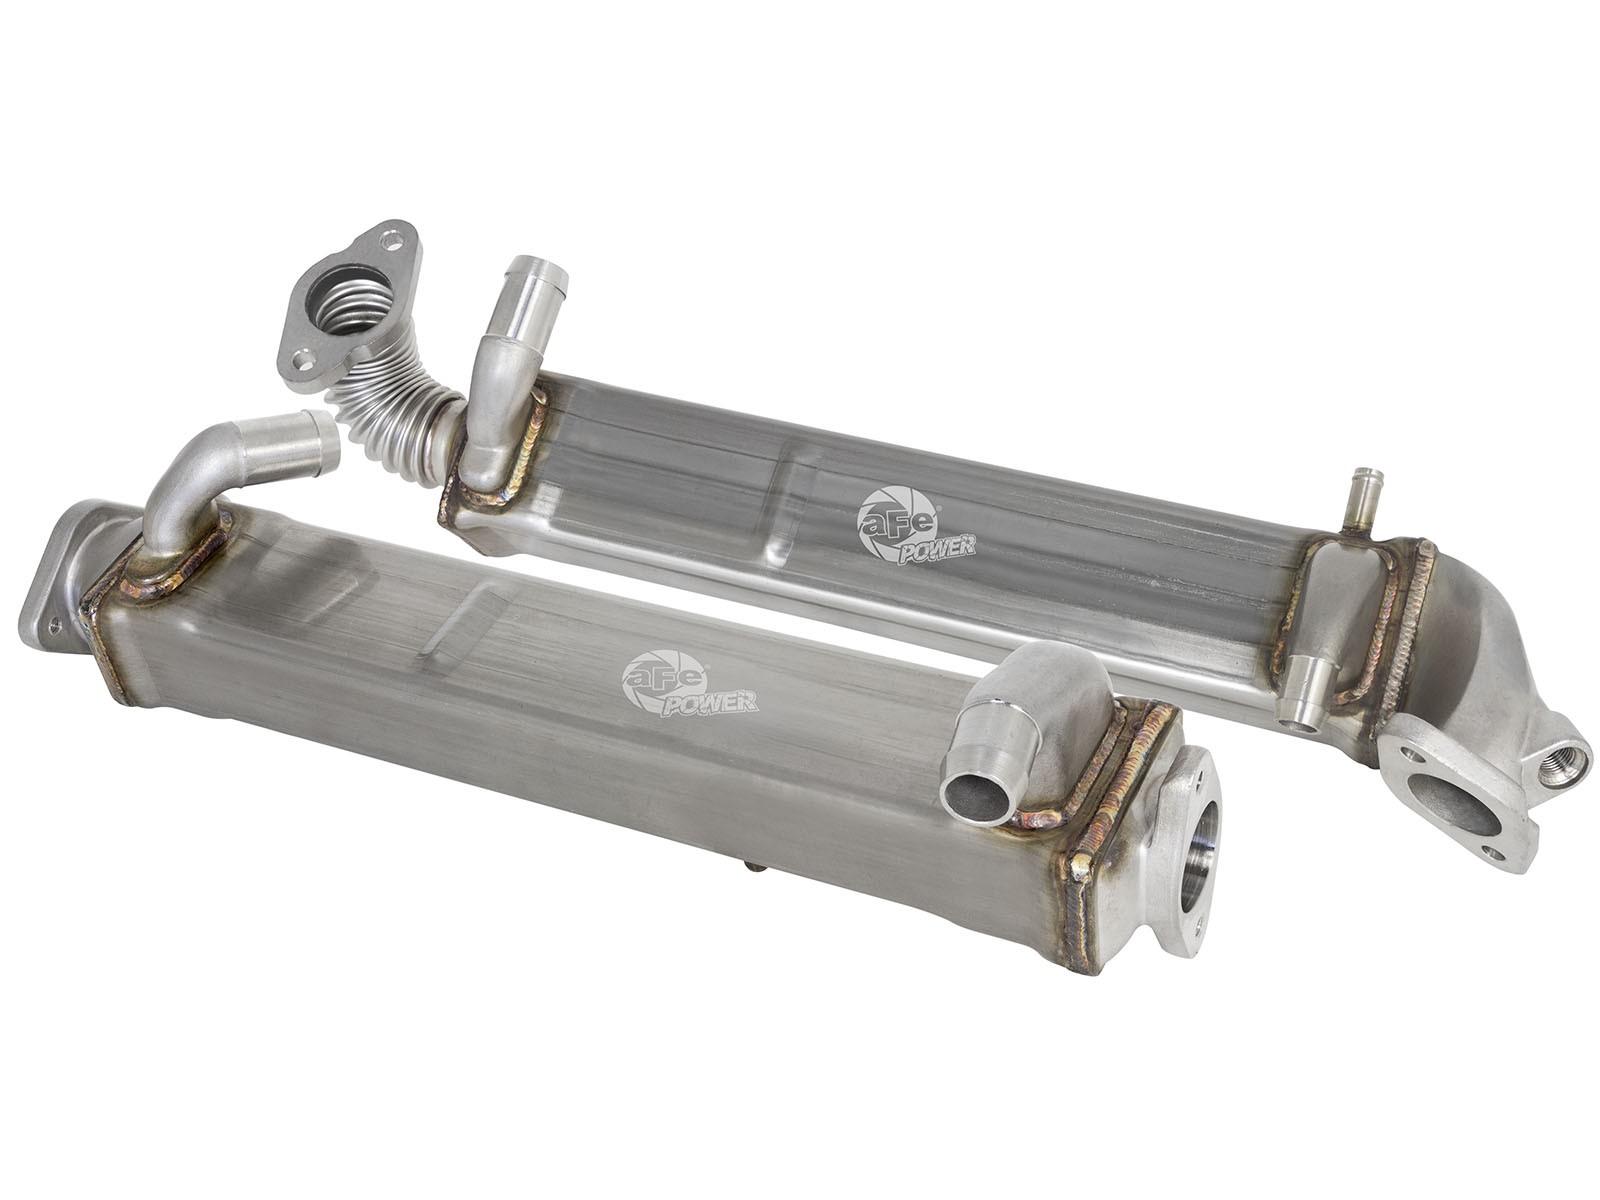 aFe POWER 46-90080 BladeRunner EGR Cooler Combo